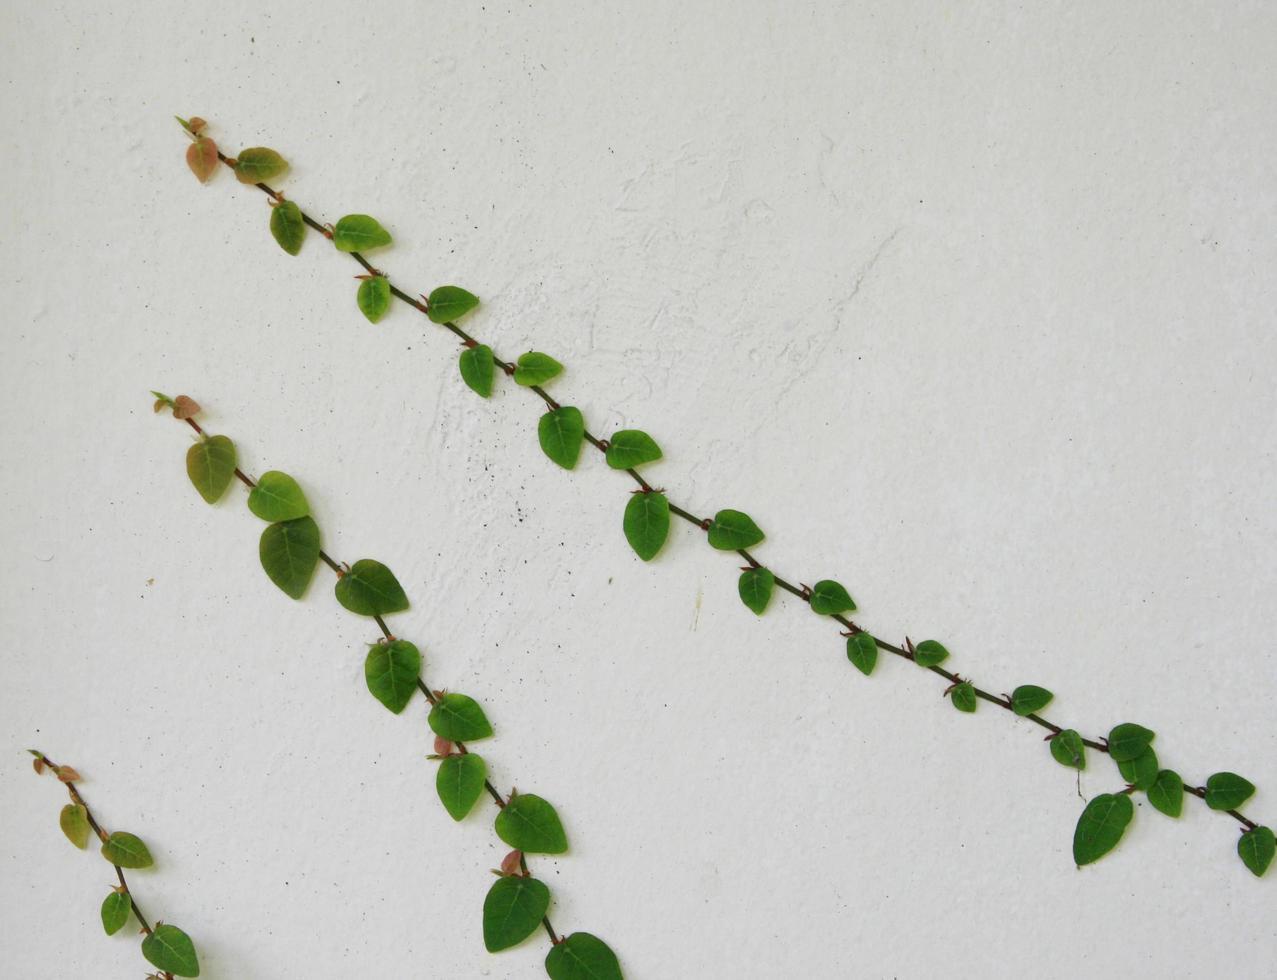 La plante grimpante verte sur le mur photo